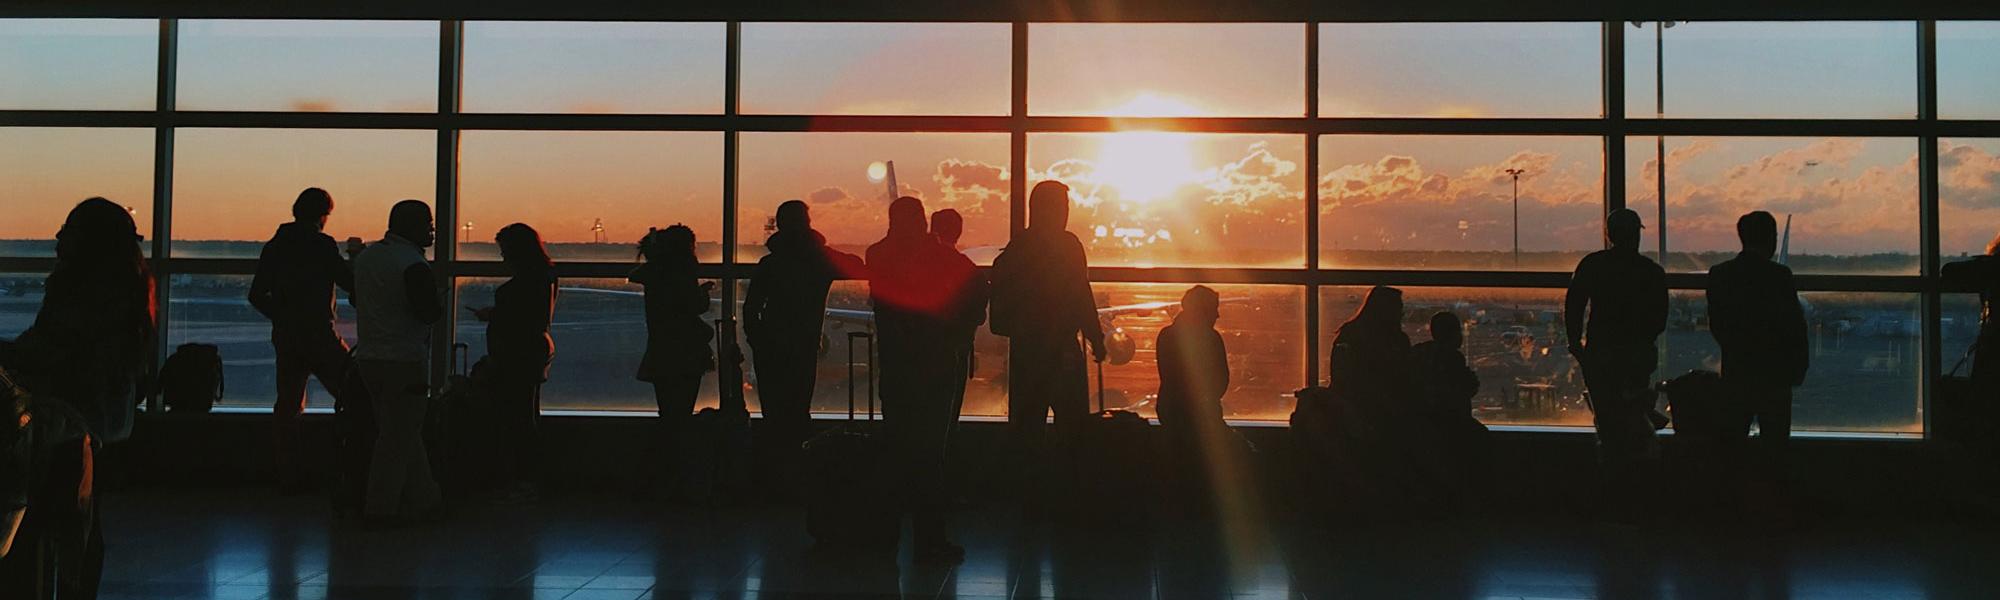 People at airport Photo byJon TysononUnsplash